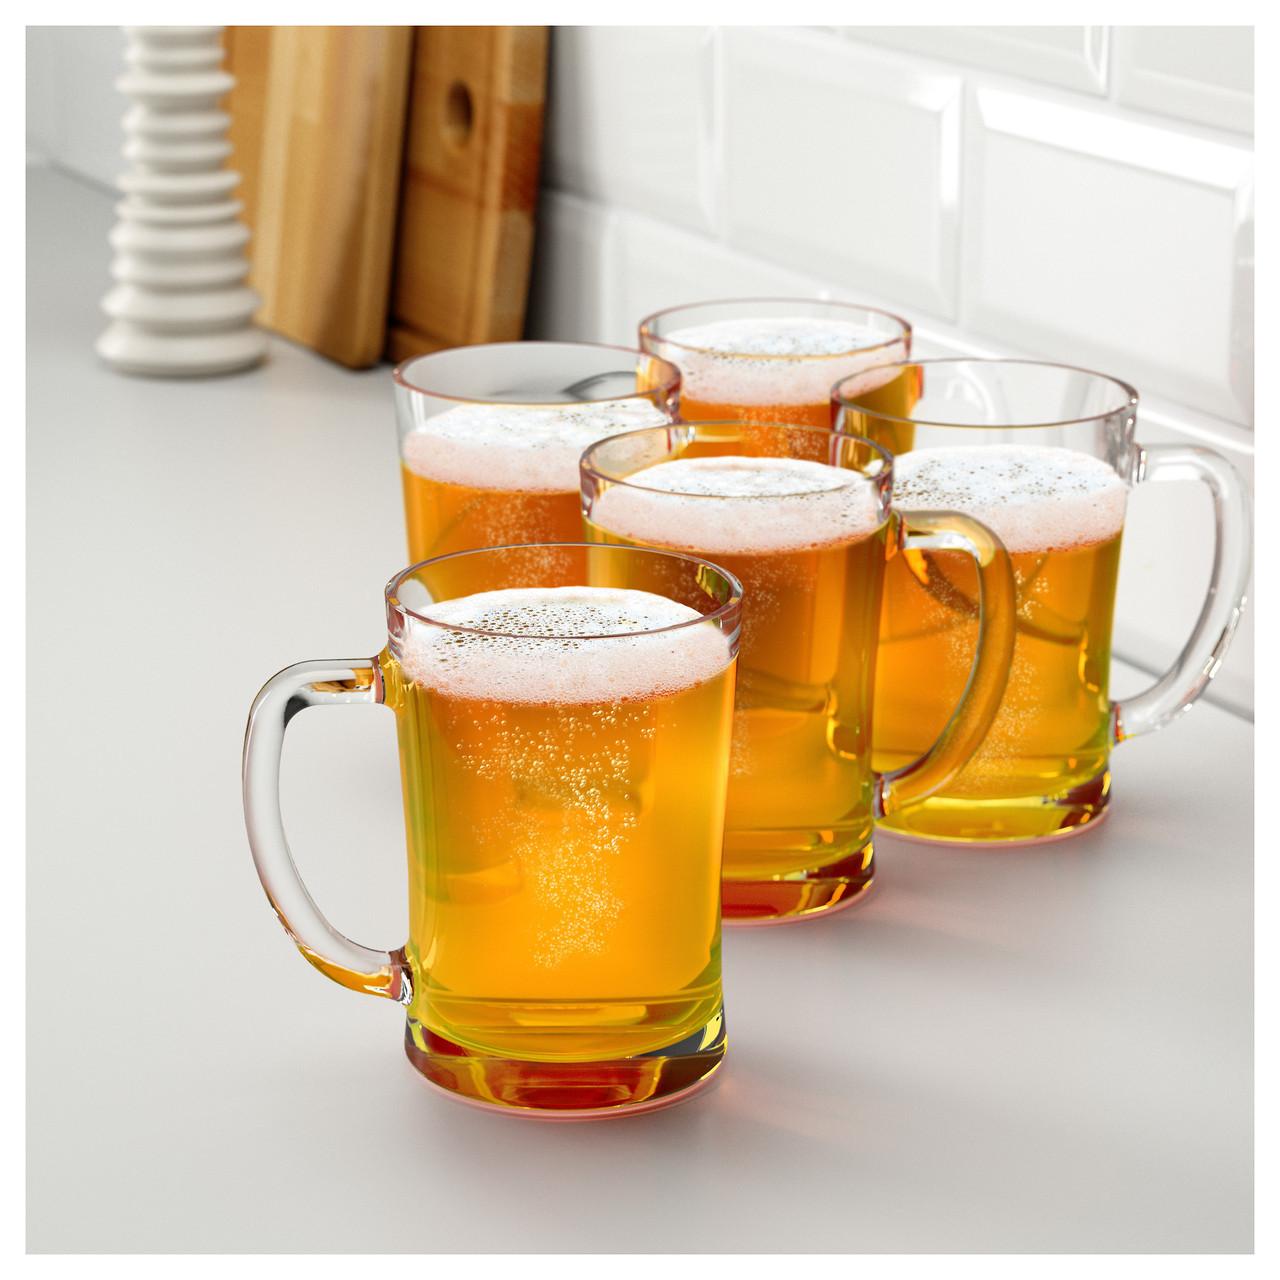 Кружка для пива MJOD 600 мл.